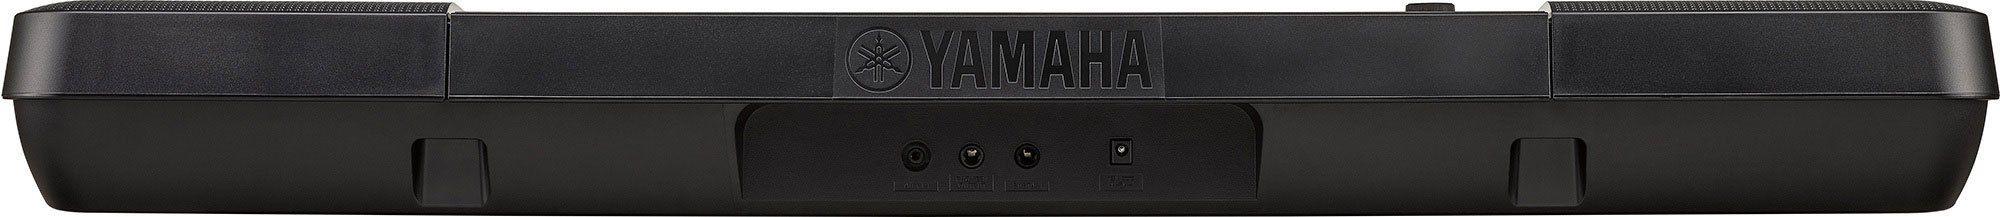 Teclado Yamaha PSR-E263 com Fonte